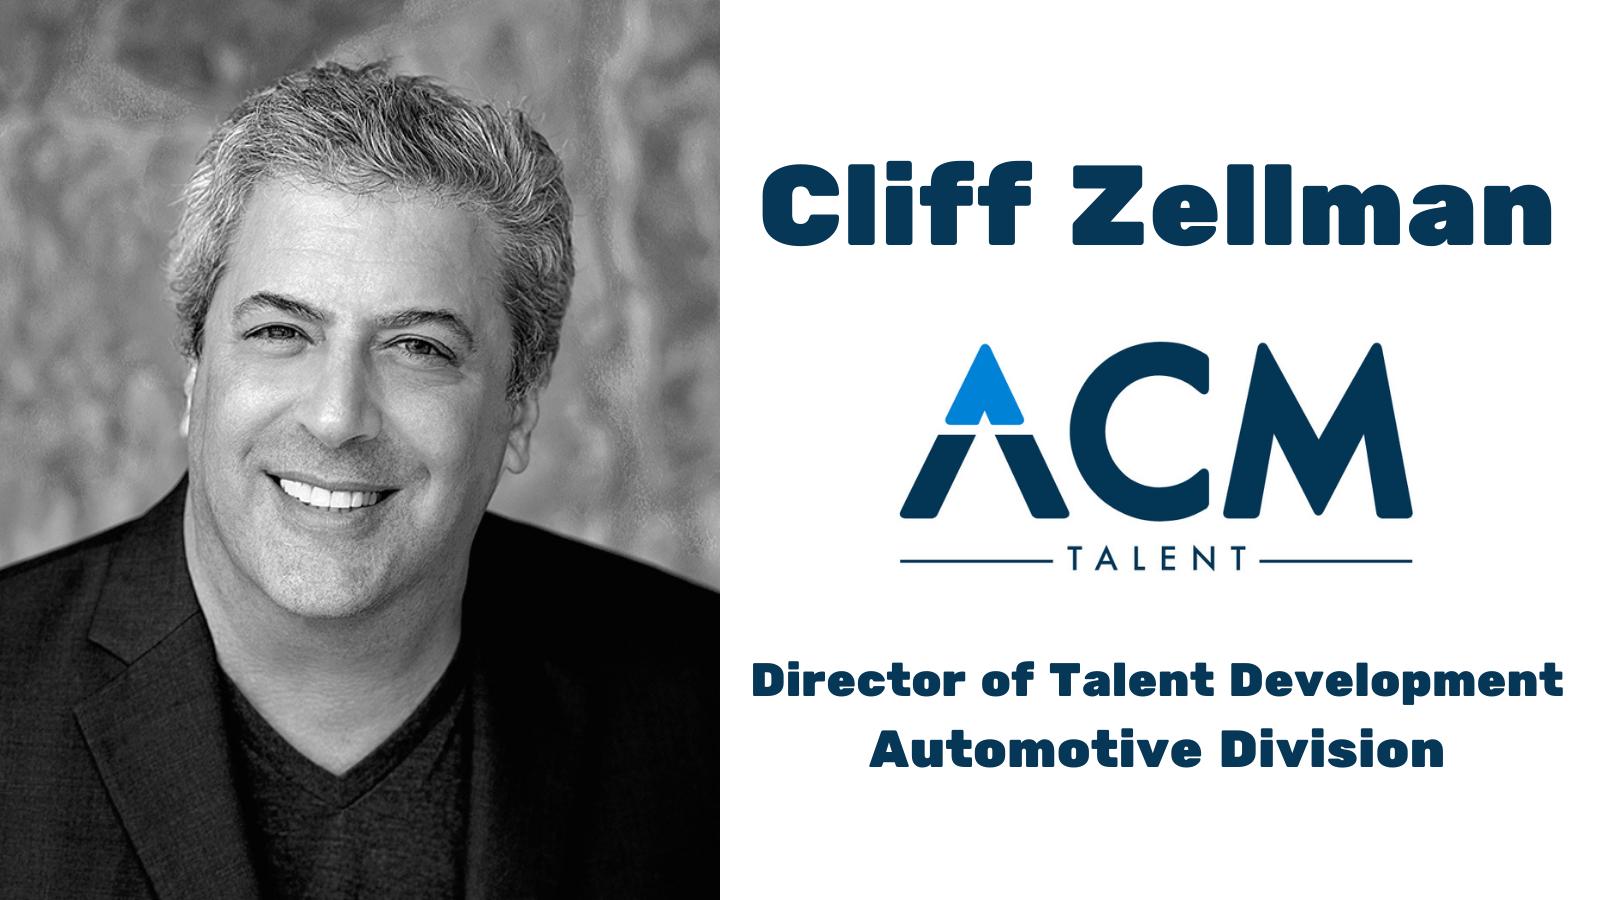 Cliff Zellman